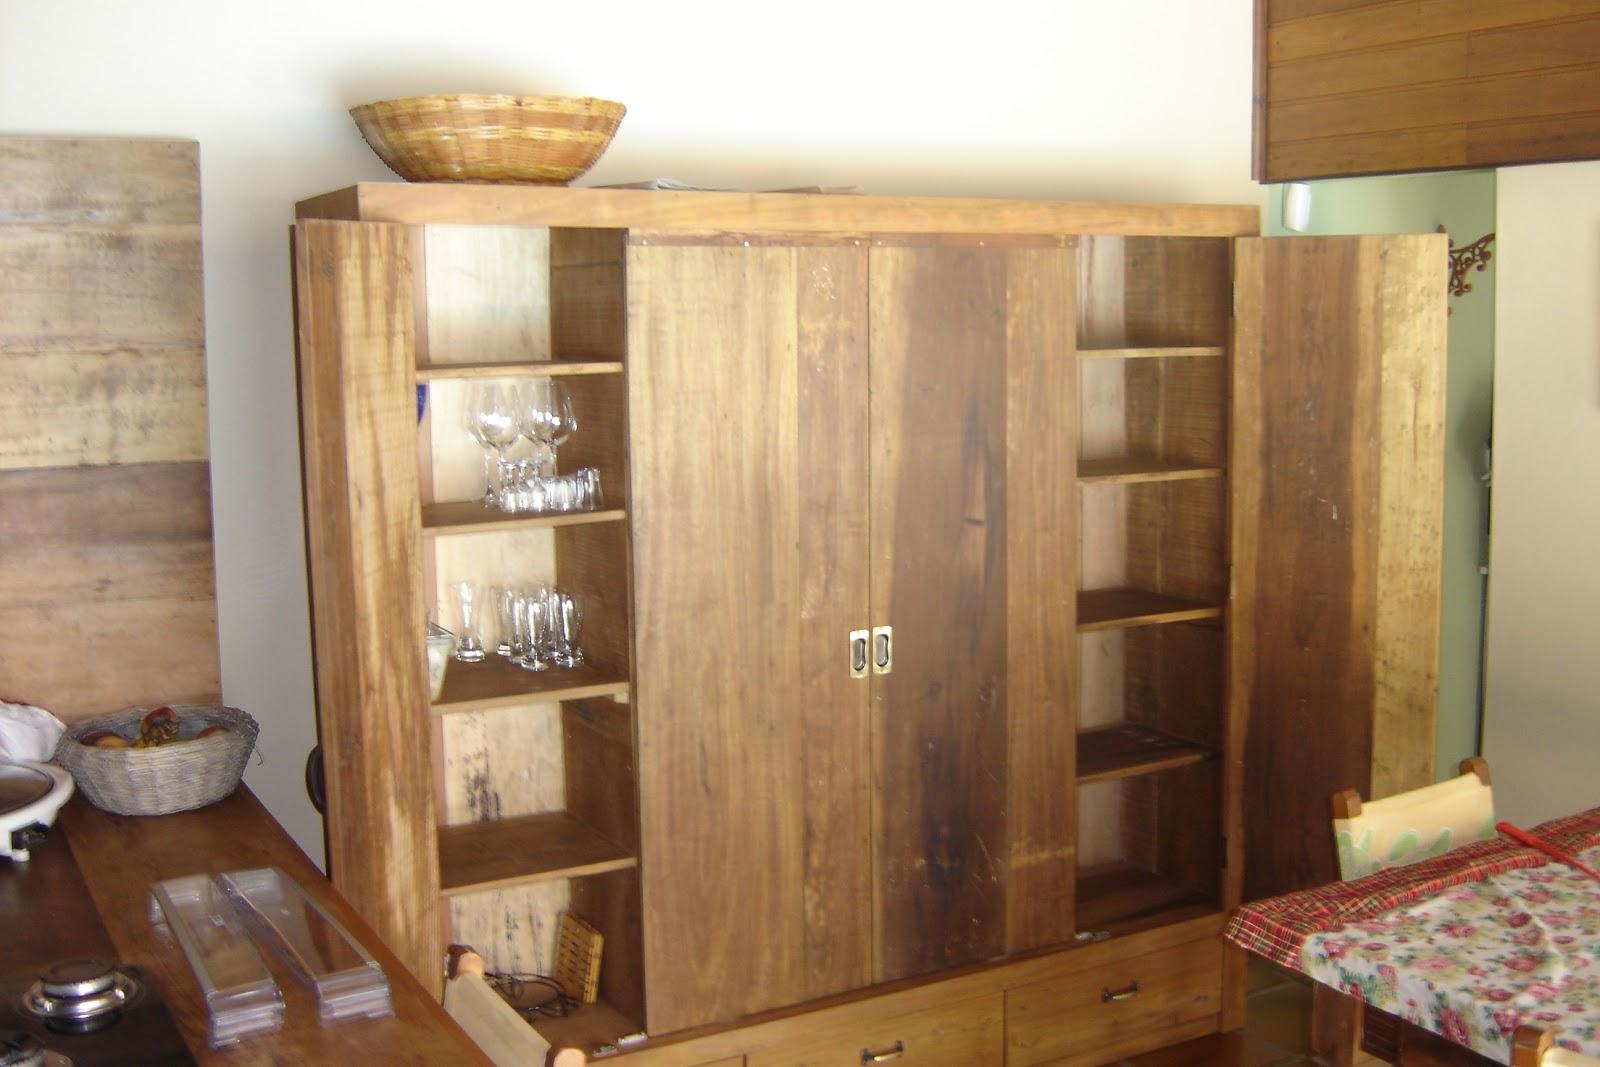 de peças e móveis: Armário multiuso em madeira de demolição #6B4328 1600x1067